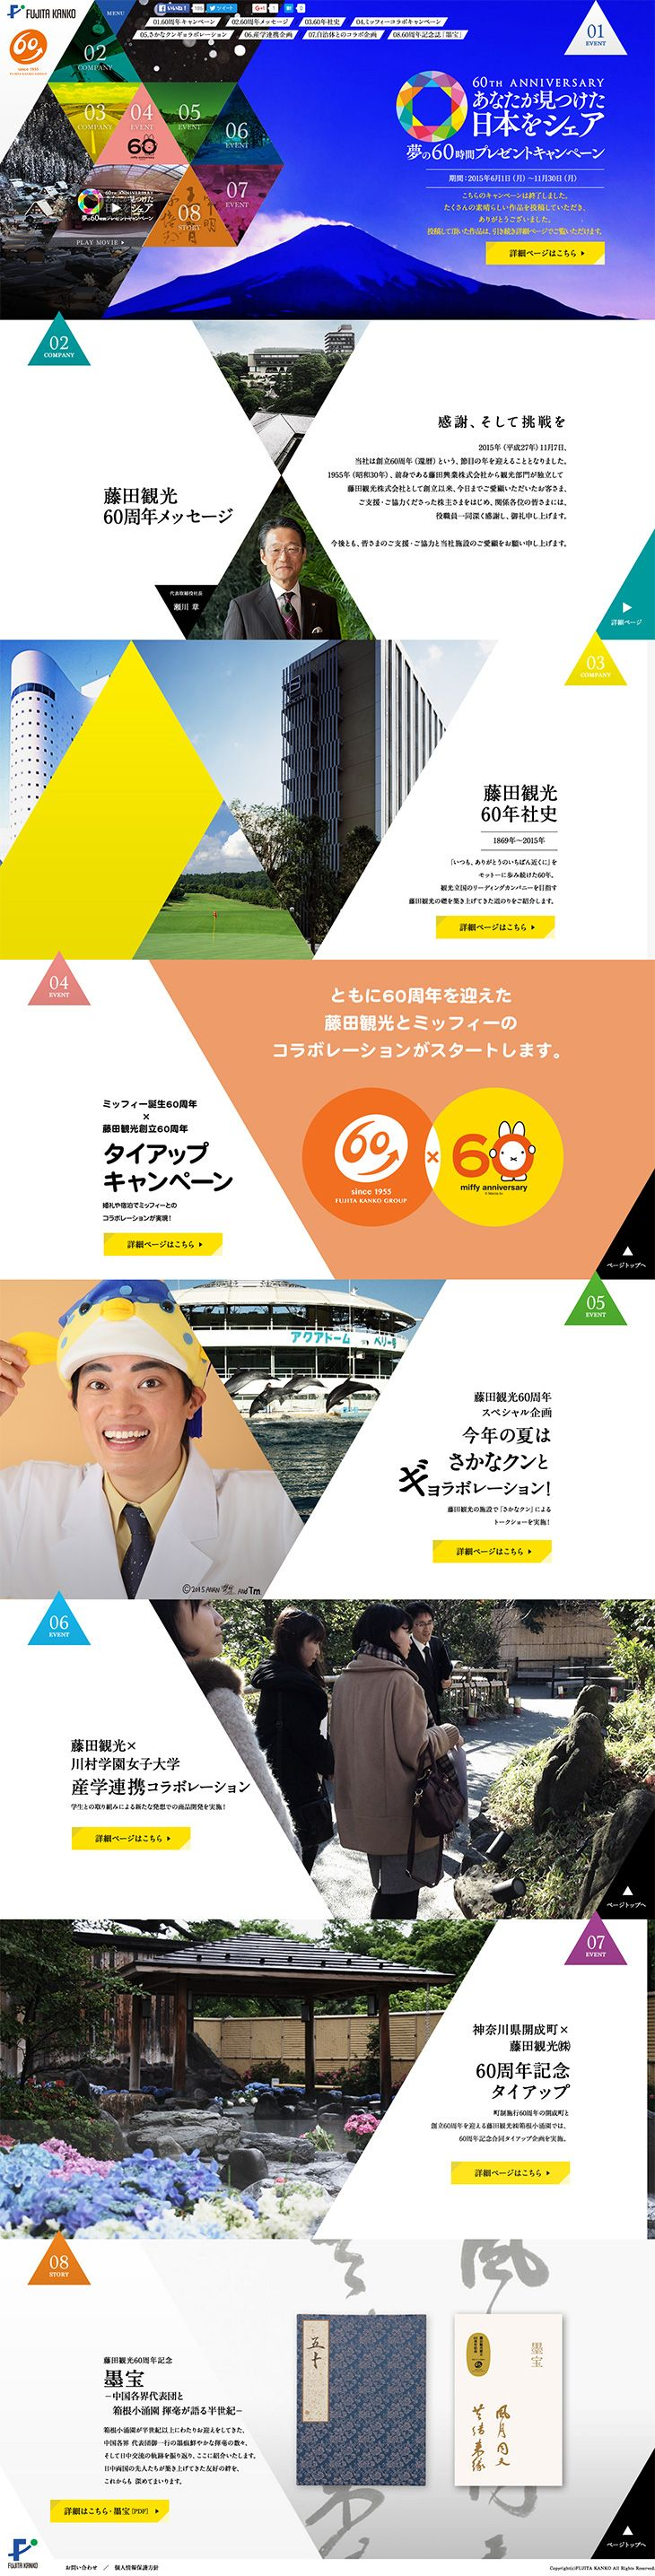 60周年キャンペーン | 藤田観光株式会社